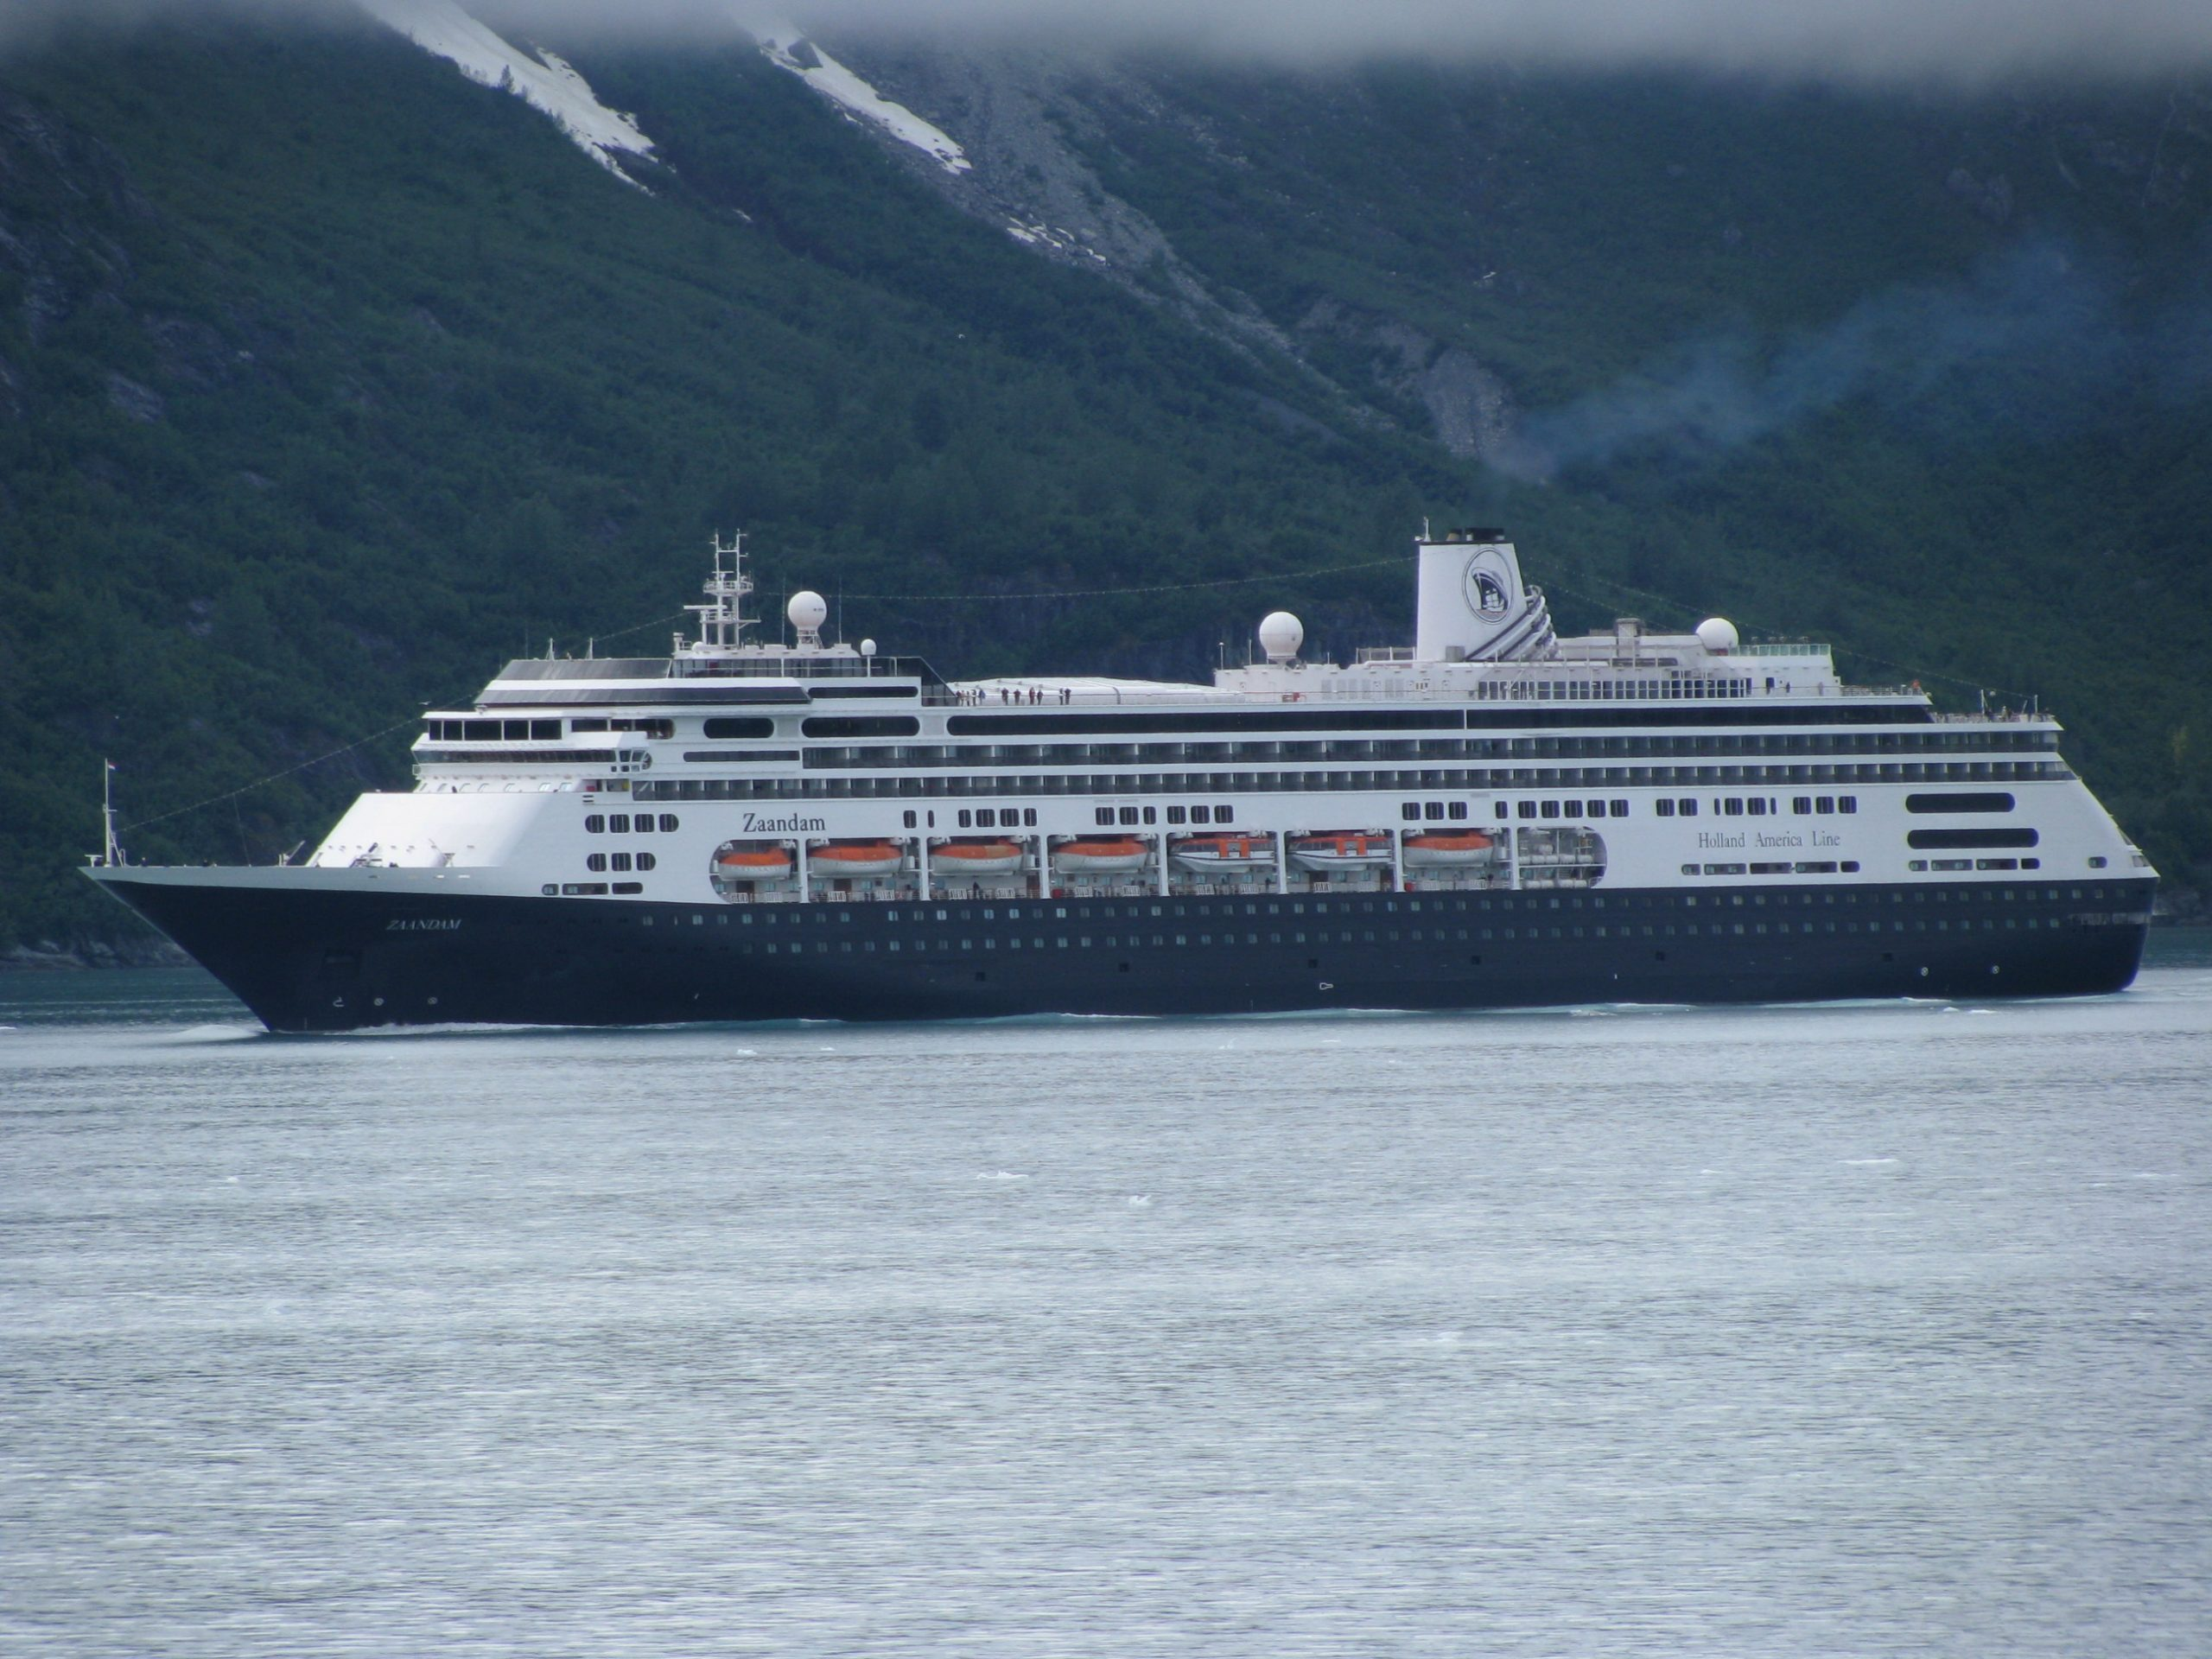 Nach mehreren Corona-Verdachtsfällen auf dem Schiff hat Holland America Lines die Zaandam vor der südamerikanischen Küste unter Quarantäne gestellt.